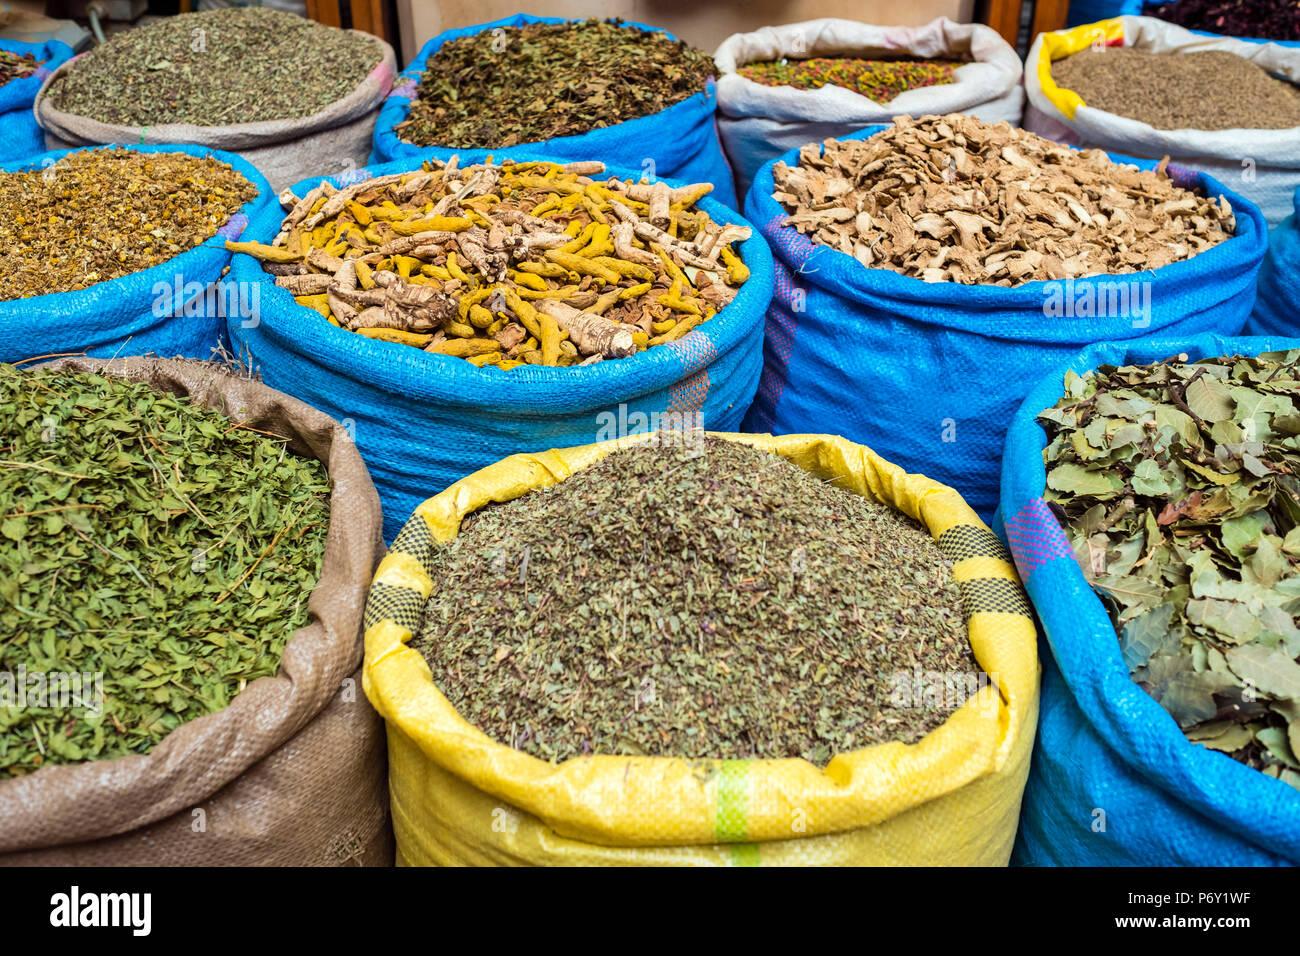 Le Maroc, Marrakech-Safi Marrakesh-Tensift-El Haouz (région), Marrakech. Herbes et épices séchées à la vente dans le Mellah de Spice market. Photo Stock